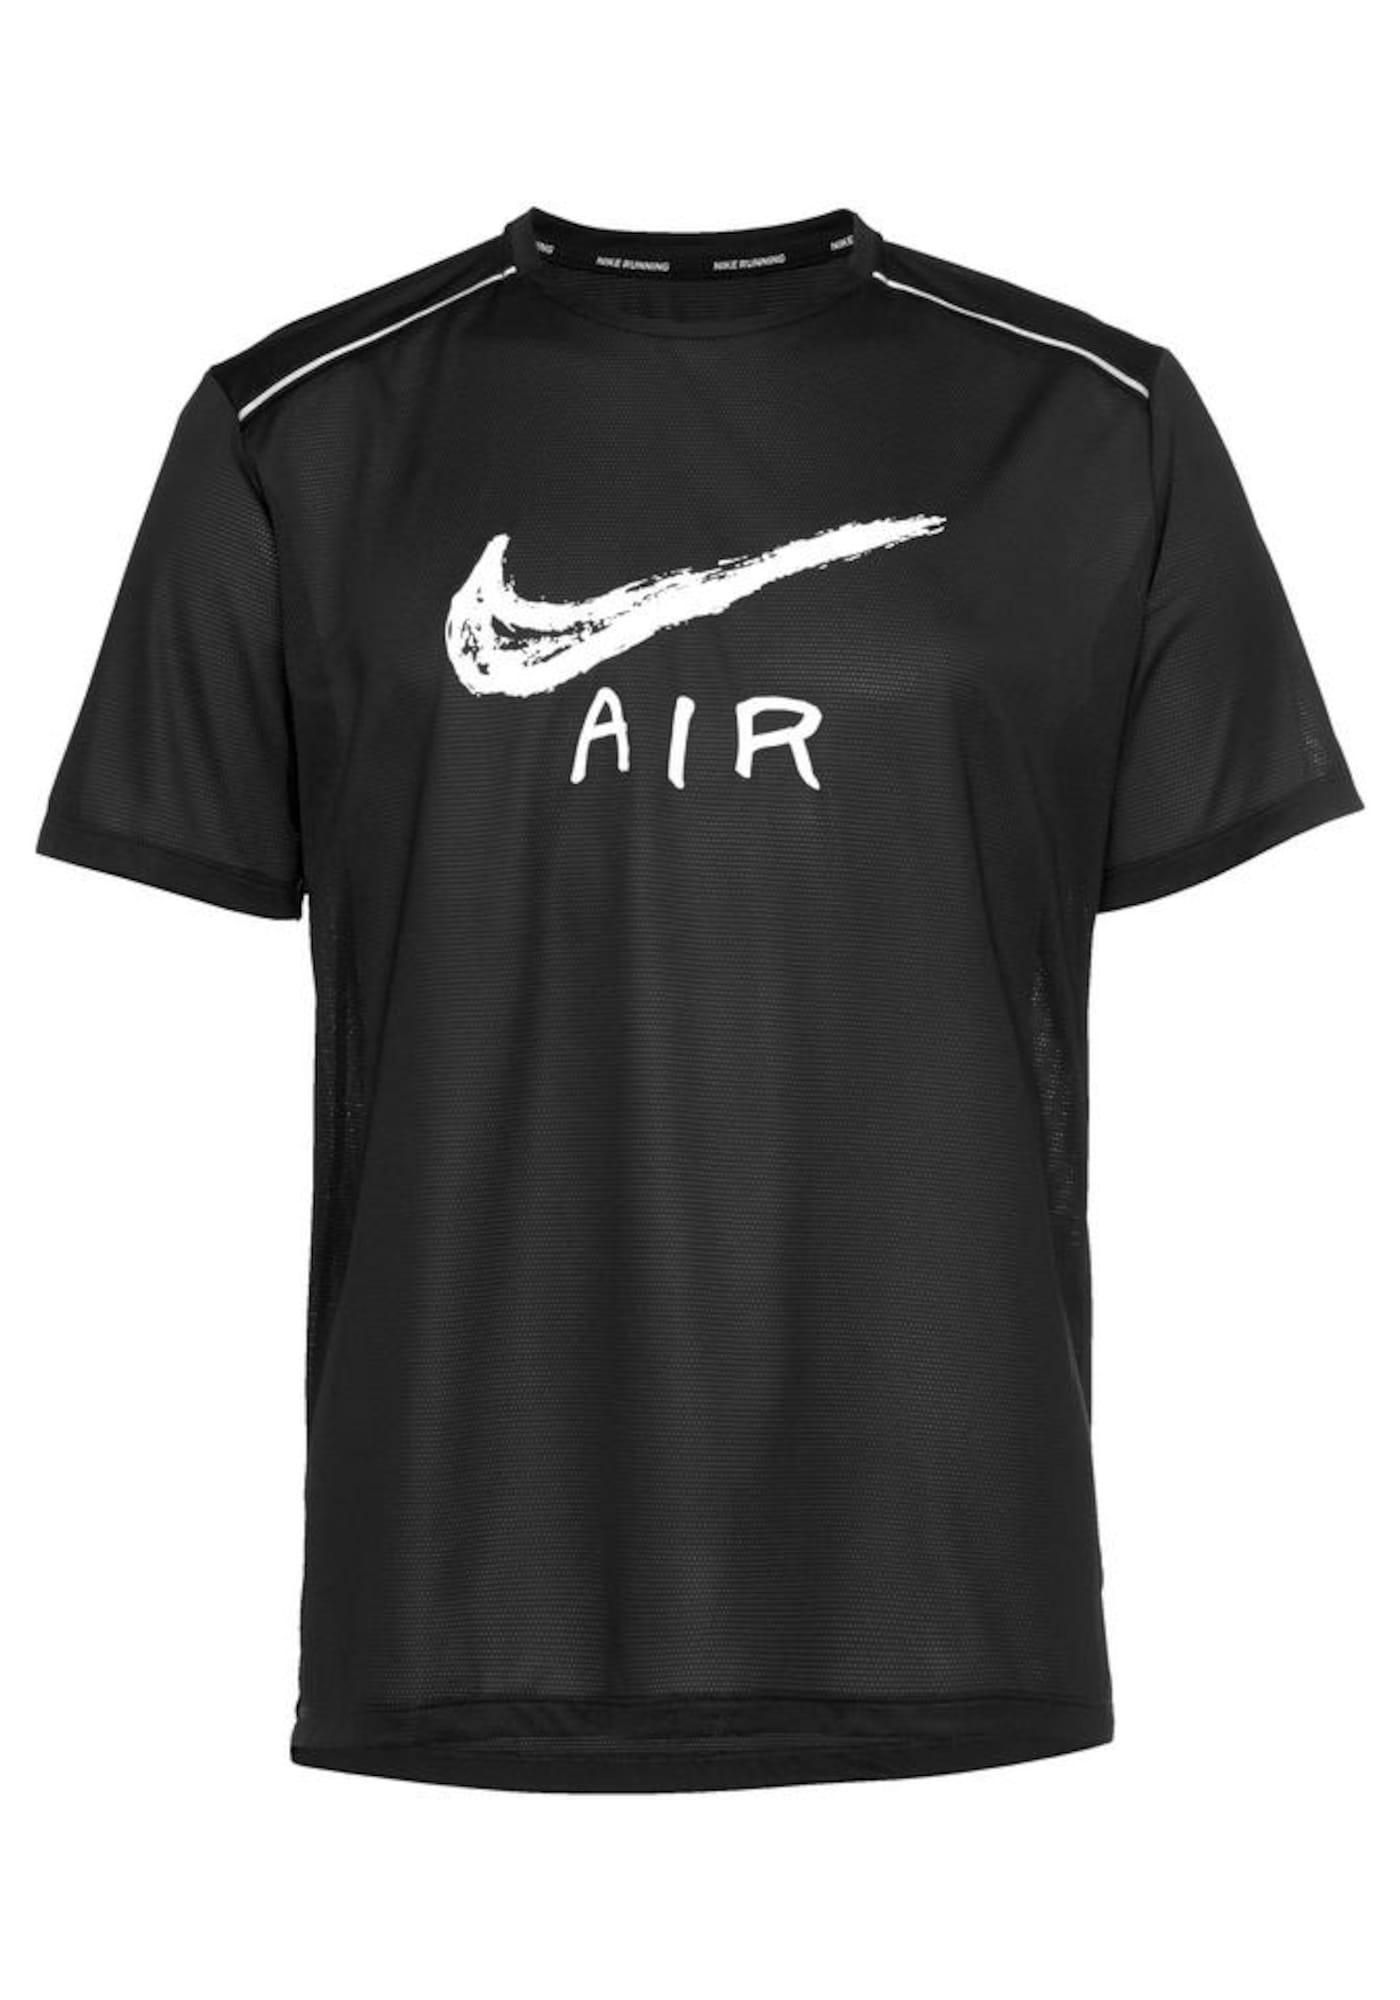 Laufshirt 'MILER' | Sportbekleidung > Sportshirts > Laufshirts | Schwarz - Weiß | Nike